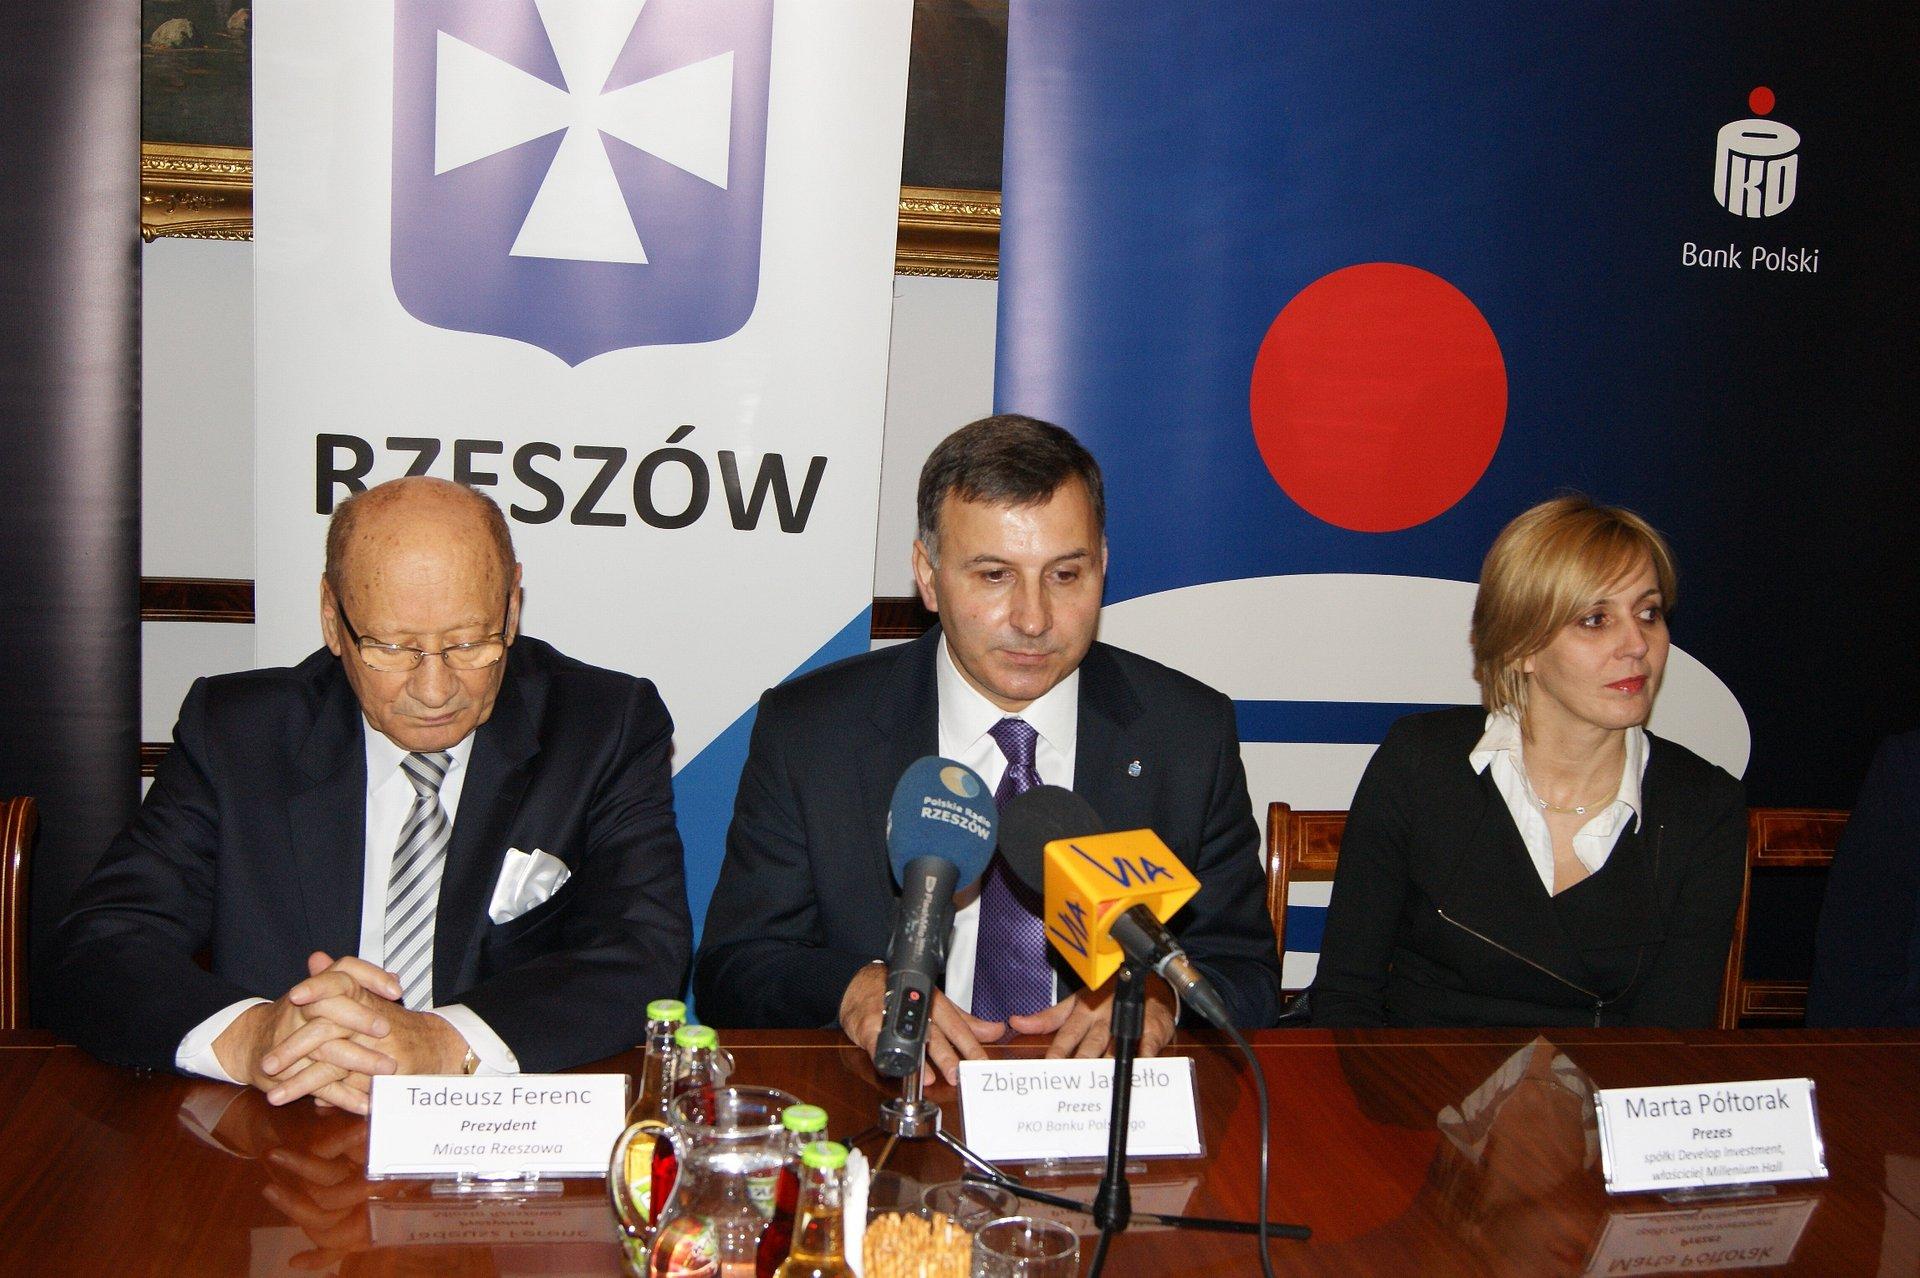 PKO Bank Polski partnerem lokalnych inwestycji w Rzeszowie